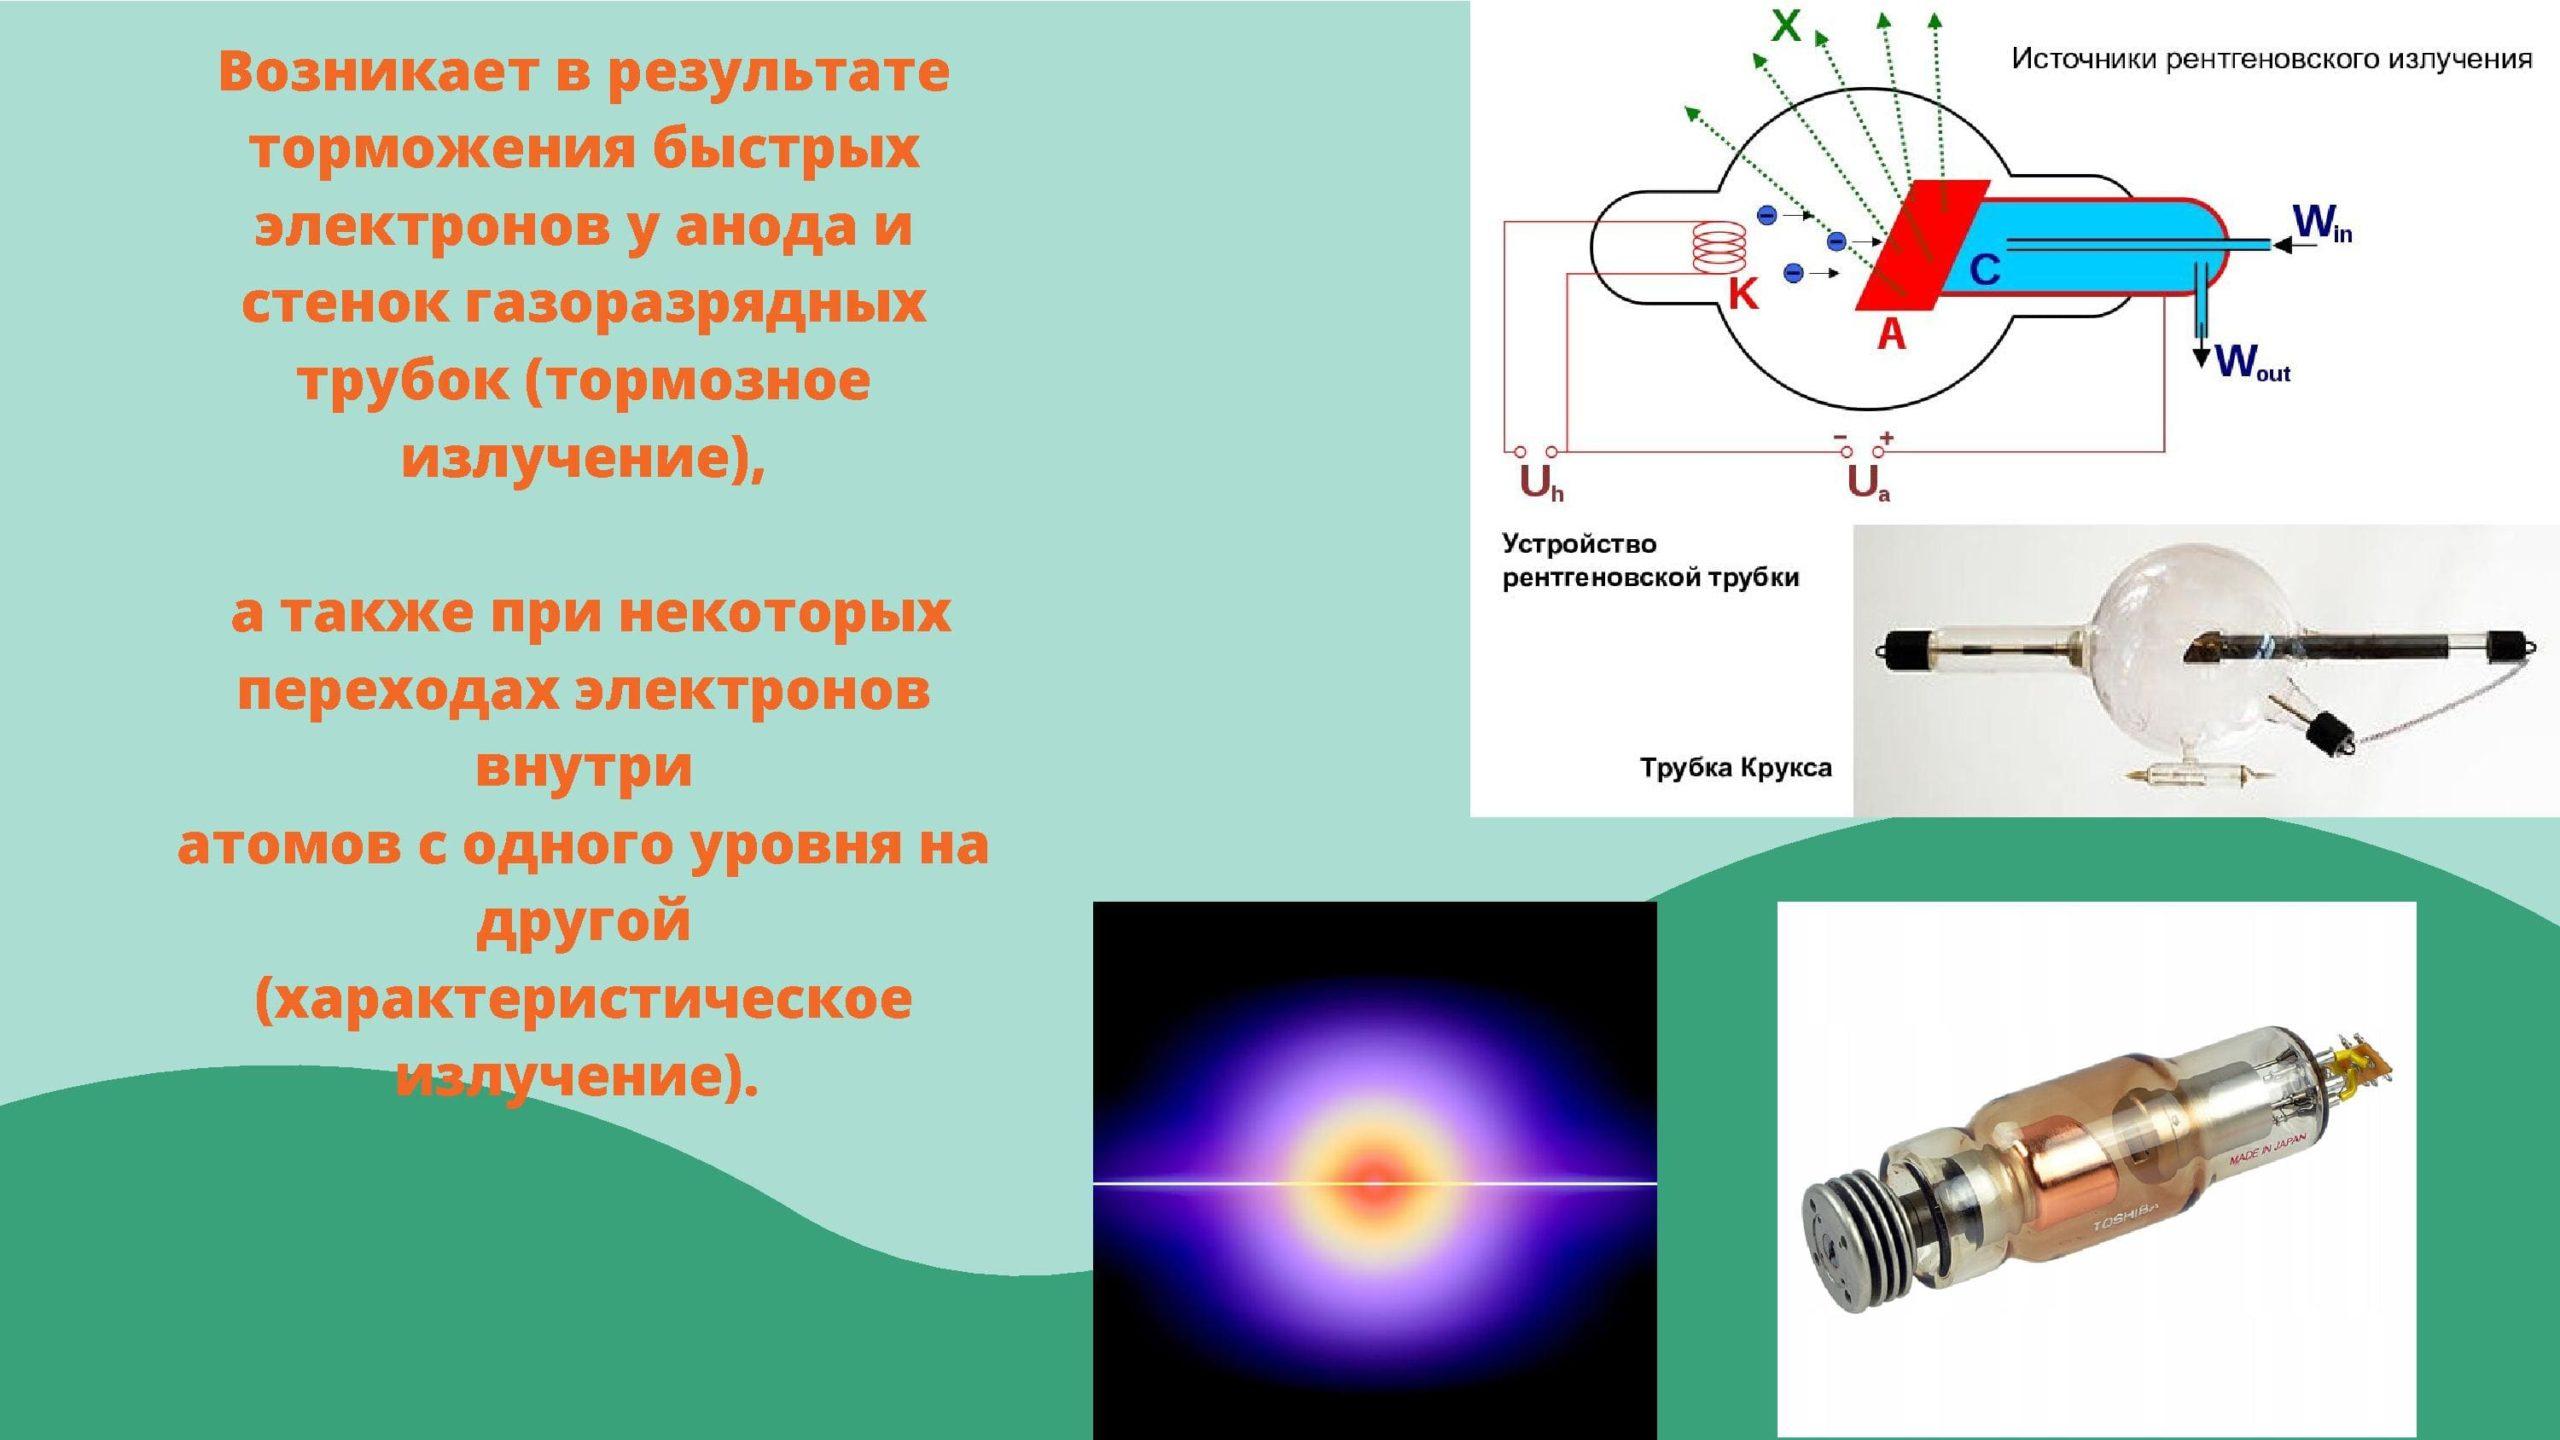 Возникает в результате торможения быстрых электронов у анода